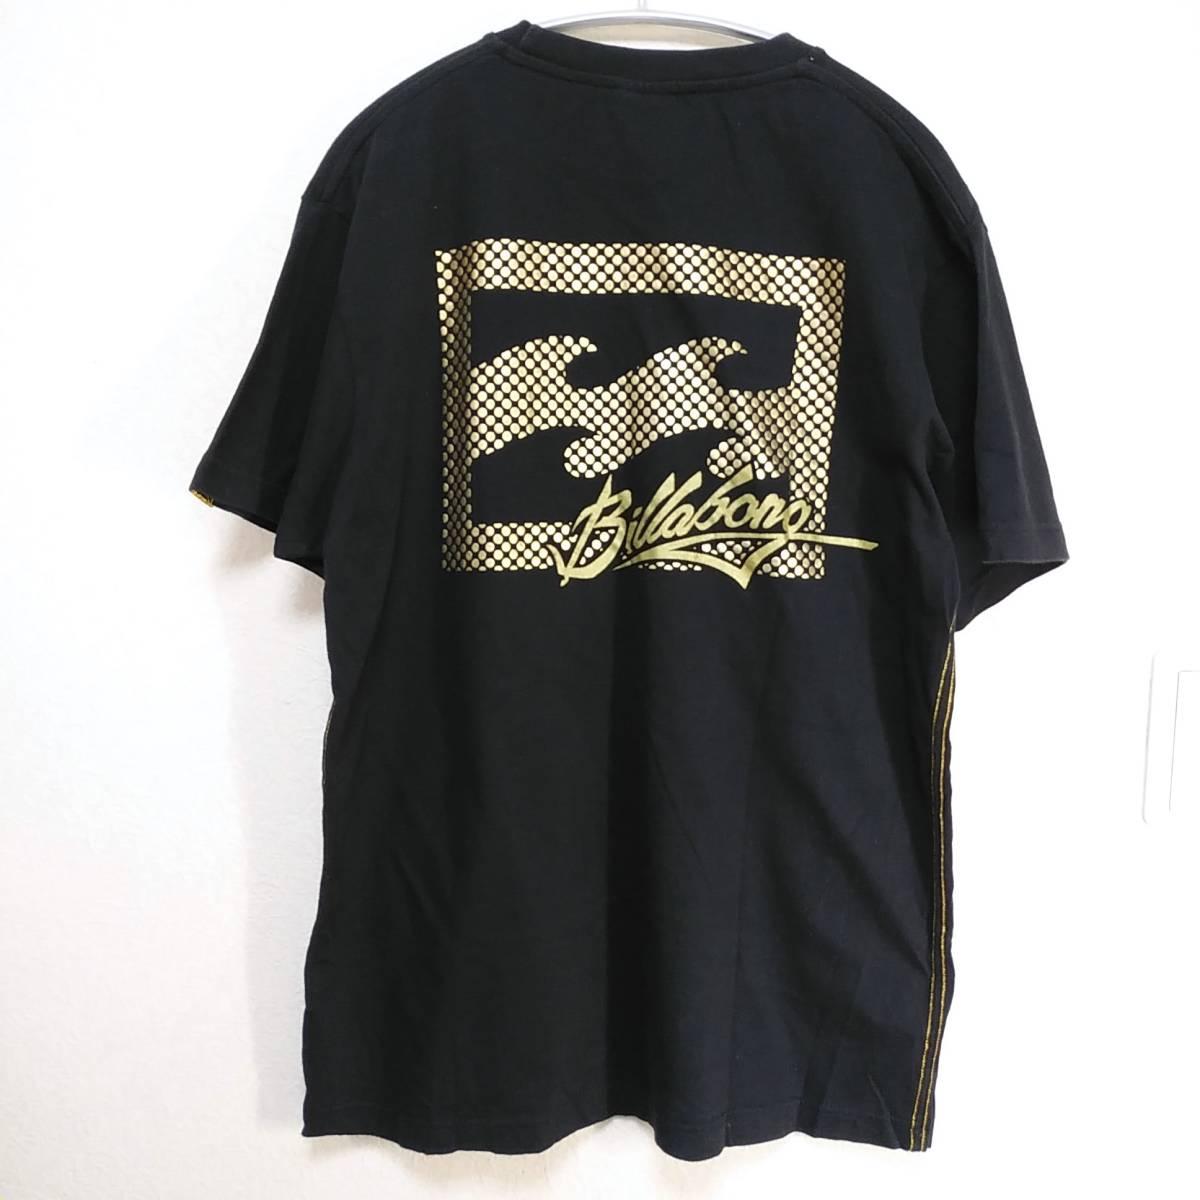 【platinum tailored by billabong】ビラボン Tシャツ メンズL ゴールド×ブラック ロゴ  190603-15333